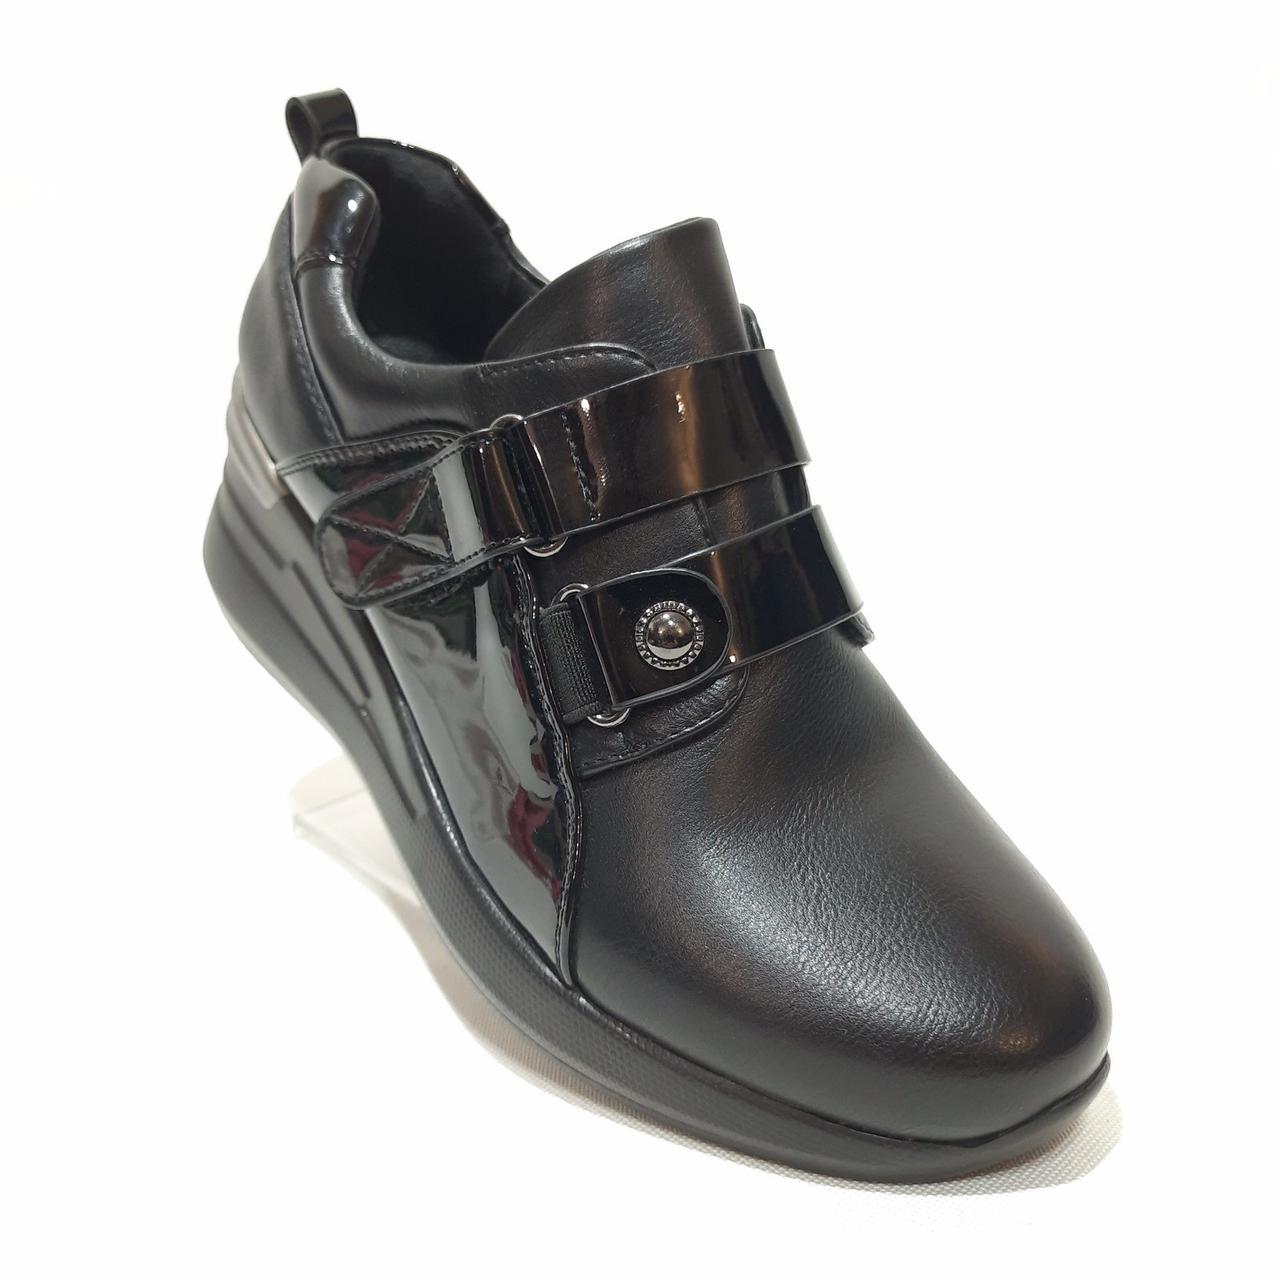 Женские туфли весенние на молнии с липучкой на танкетке экокожа